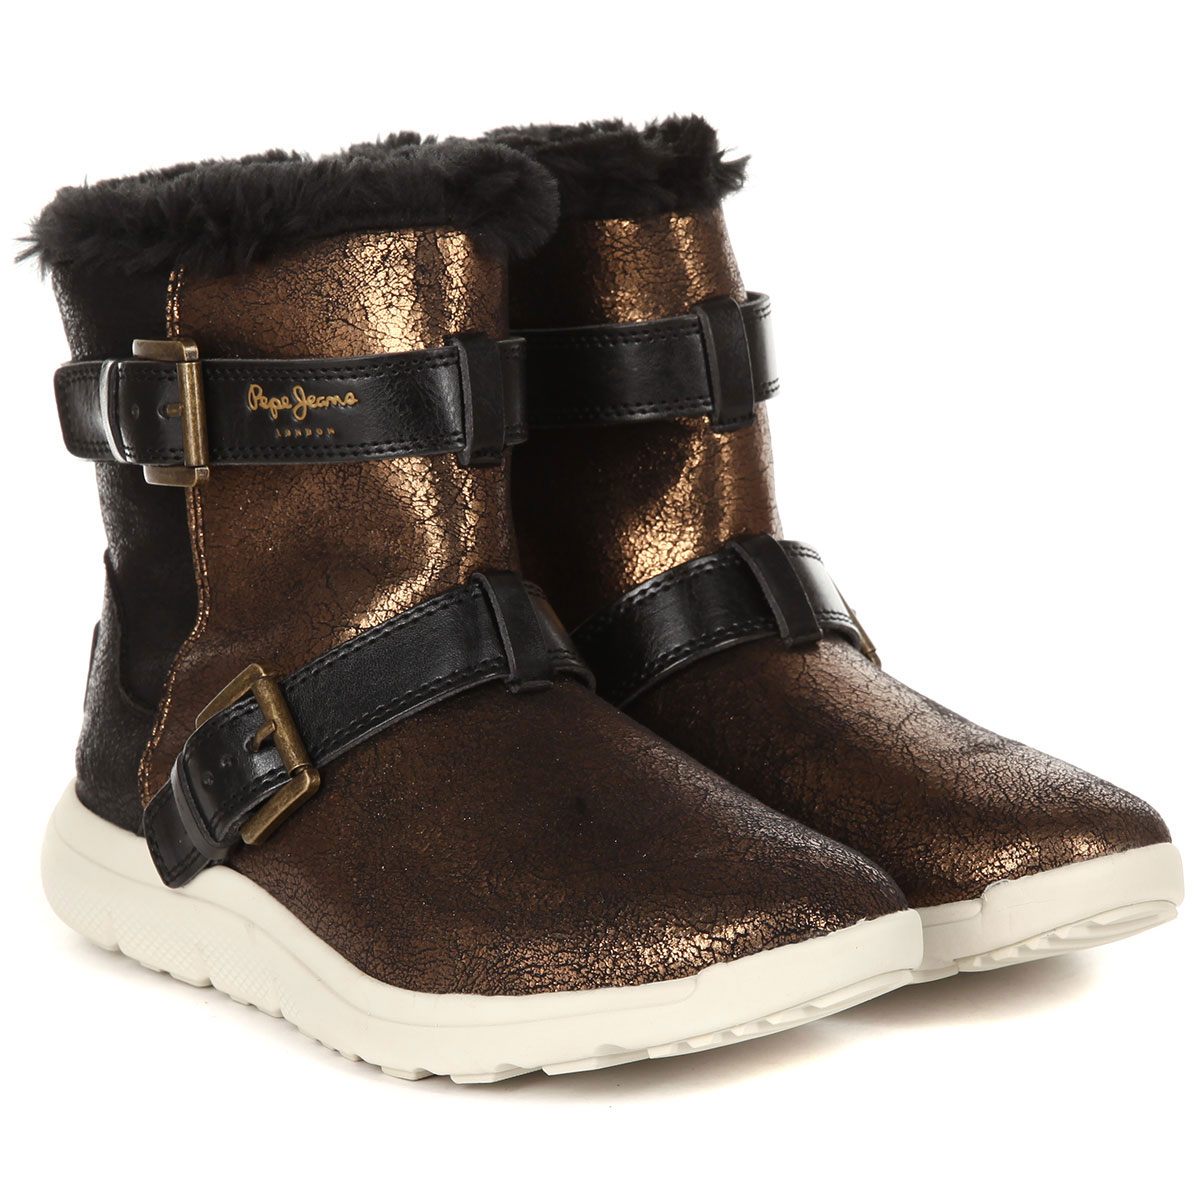 Полусапоги женские Pepe Jeans HYKE W SNOW PLS30762 золотистые 38 EU